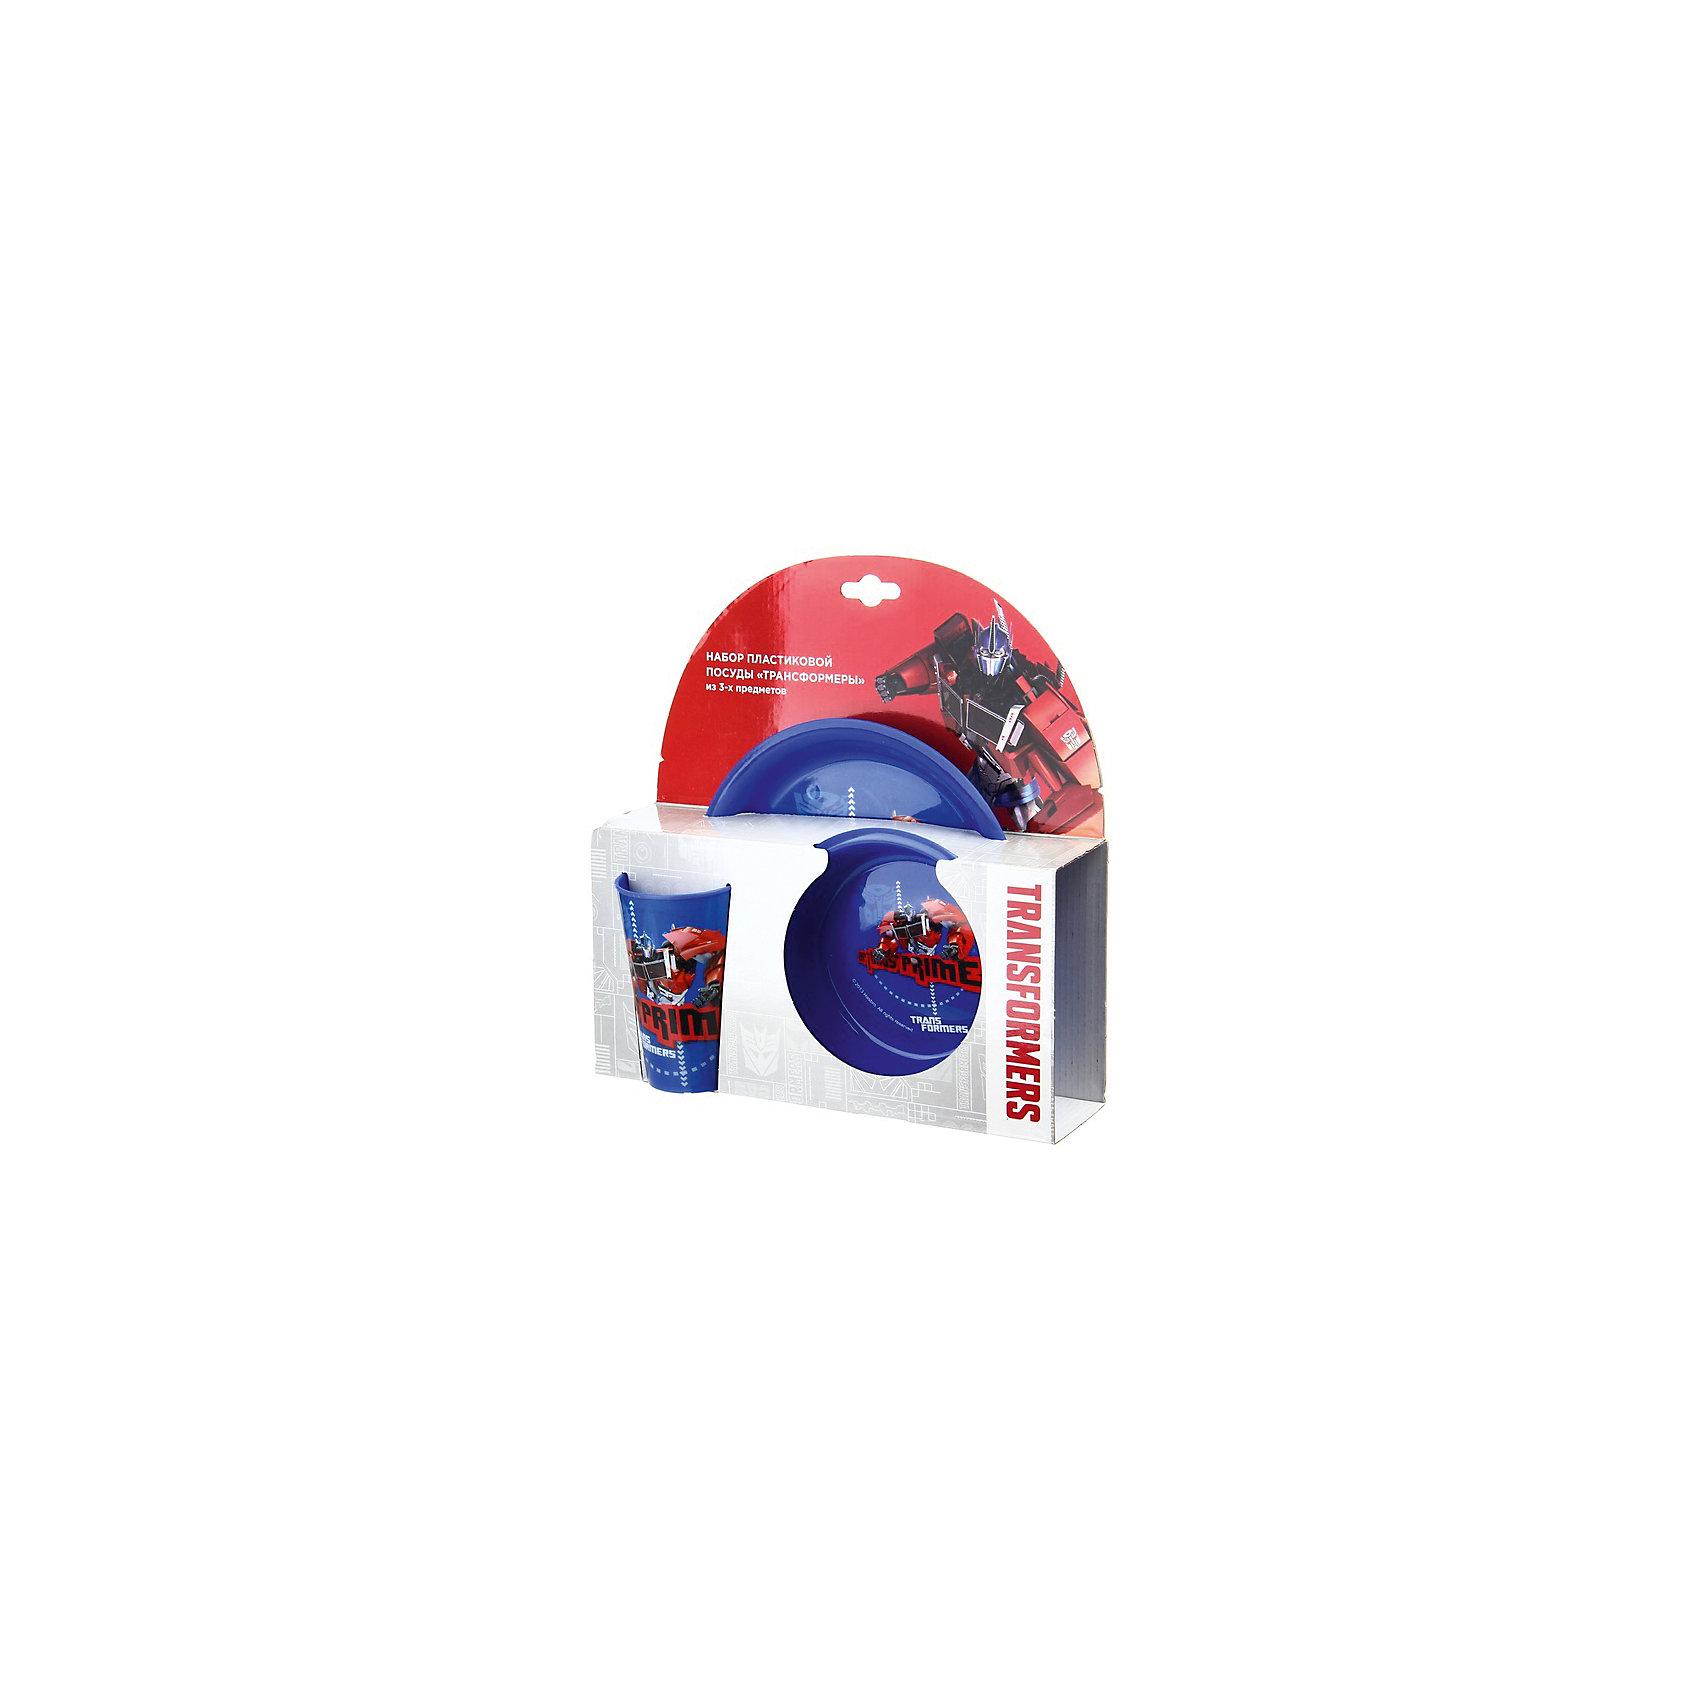 Синий набор посуды (3 предмета), ТрансформерыКрасочный набор детской посуды Трансформеры порадует Вашего ребенка и замечательно подойдет для повседневного использования. В комплект входят пиала, тарелки и стакан. Все предметы выполнены в яркой синей расцветке по мотивам популярных фантастических фильмов о роботах-трансформерах Transformers и украшены изображениями персонажей. Материал представляет собой качественный пищевой пластик, не вызывающий аллергии и безопасный для детского здоровья. Набор оформлен в нарядную подарочную упаковку.<br><br>Дополнительная информация:<br><br>- В комплекте: 1 пиала (14,8 см.), 1 тарелка (19,8 см.), 1 стакан (250 мл.).<br>- Материал: пластик.<br>- Размер упаковки: 27,2 х 9 х 27 см.<br>- Вес: 0,15 кг. <br><br>Синий набор посуды (3 предмета), Трансформеры, можно купить в нашем интернет-магазине.<br><br>Ширина мм: 272<br>Глубина мм: 90<br>Высота мм: 270<br>Вес г: 150<br>Возраст от месяцев: 36<br>Возраст до месяцев: 168<br>Пол: Мужской<br>Возраст: Детский<br>SKU: 4093872